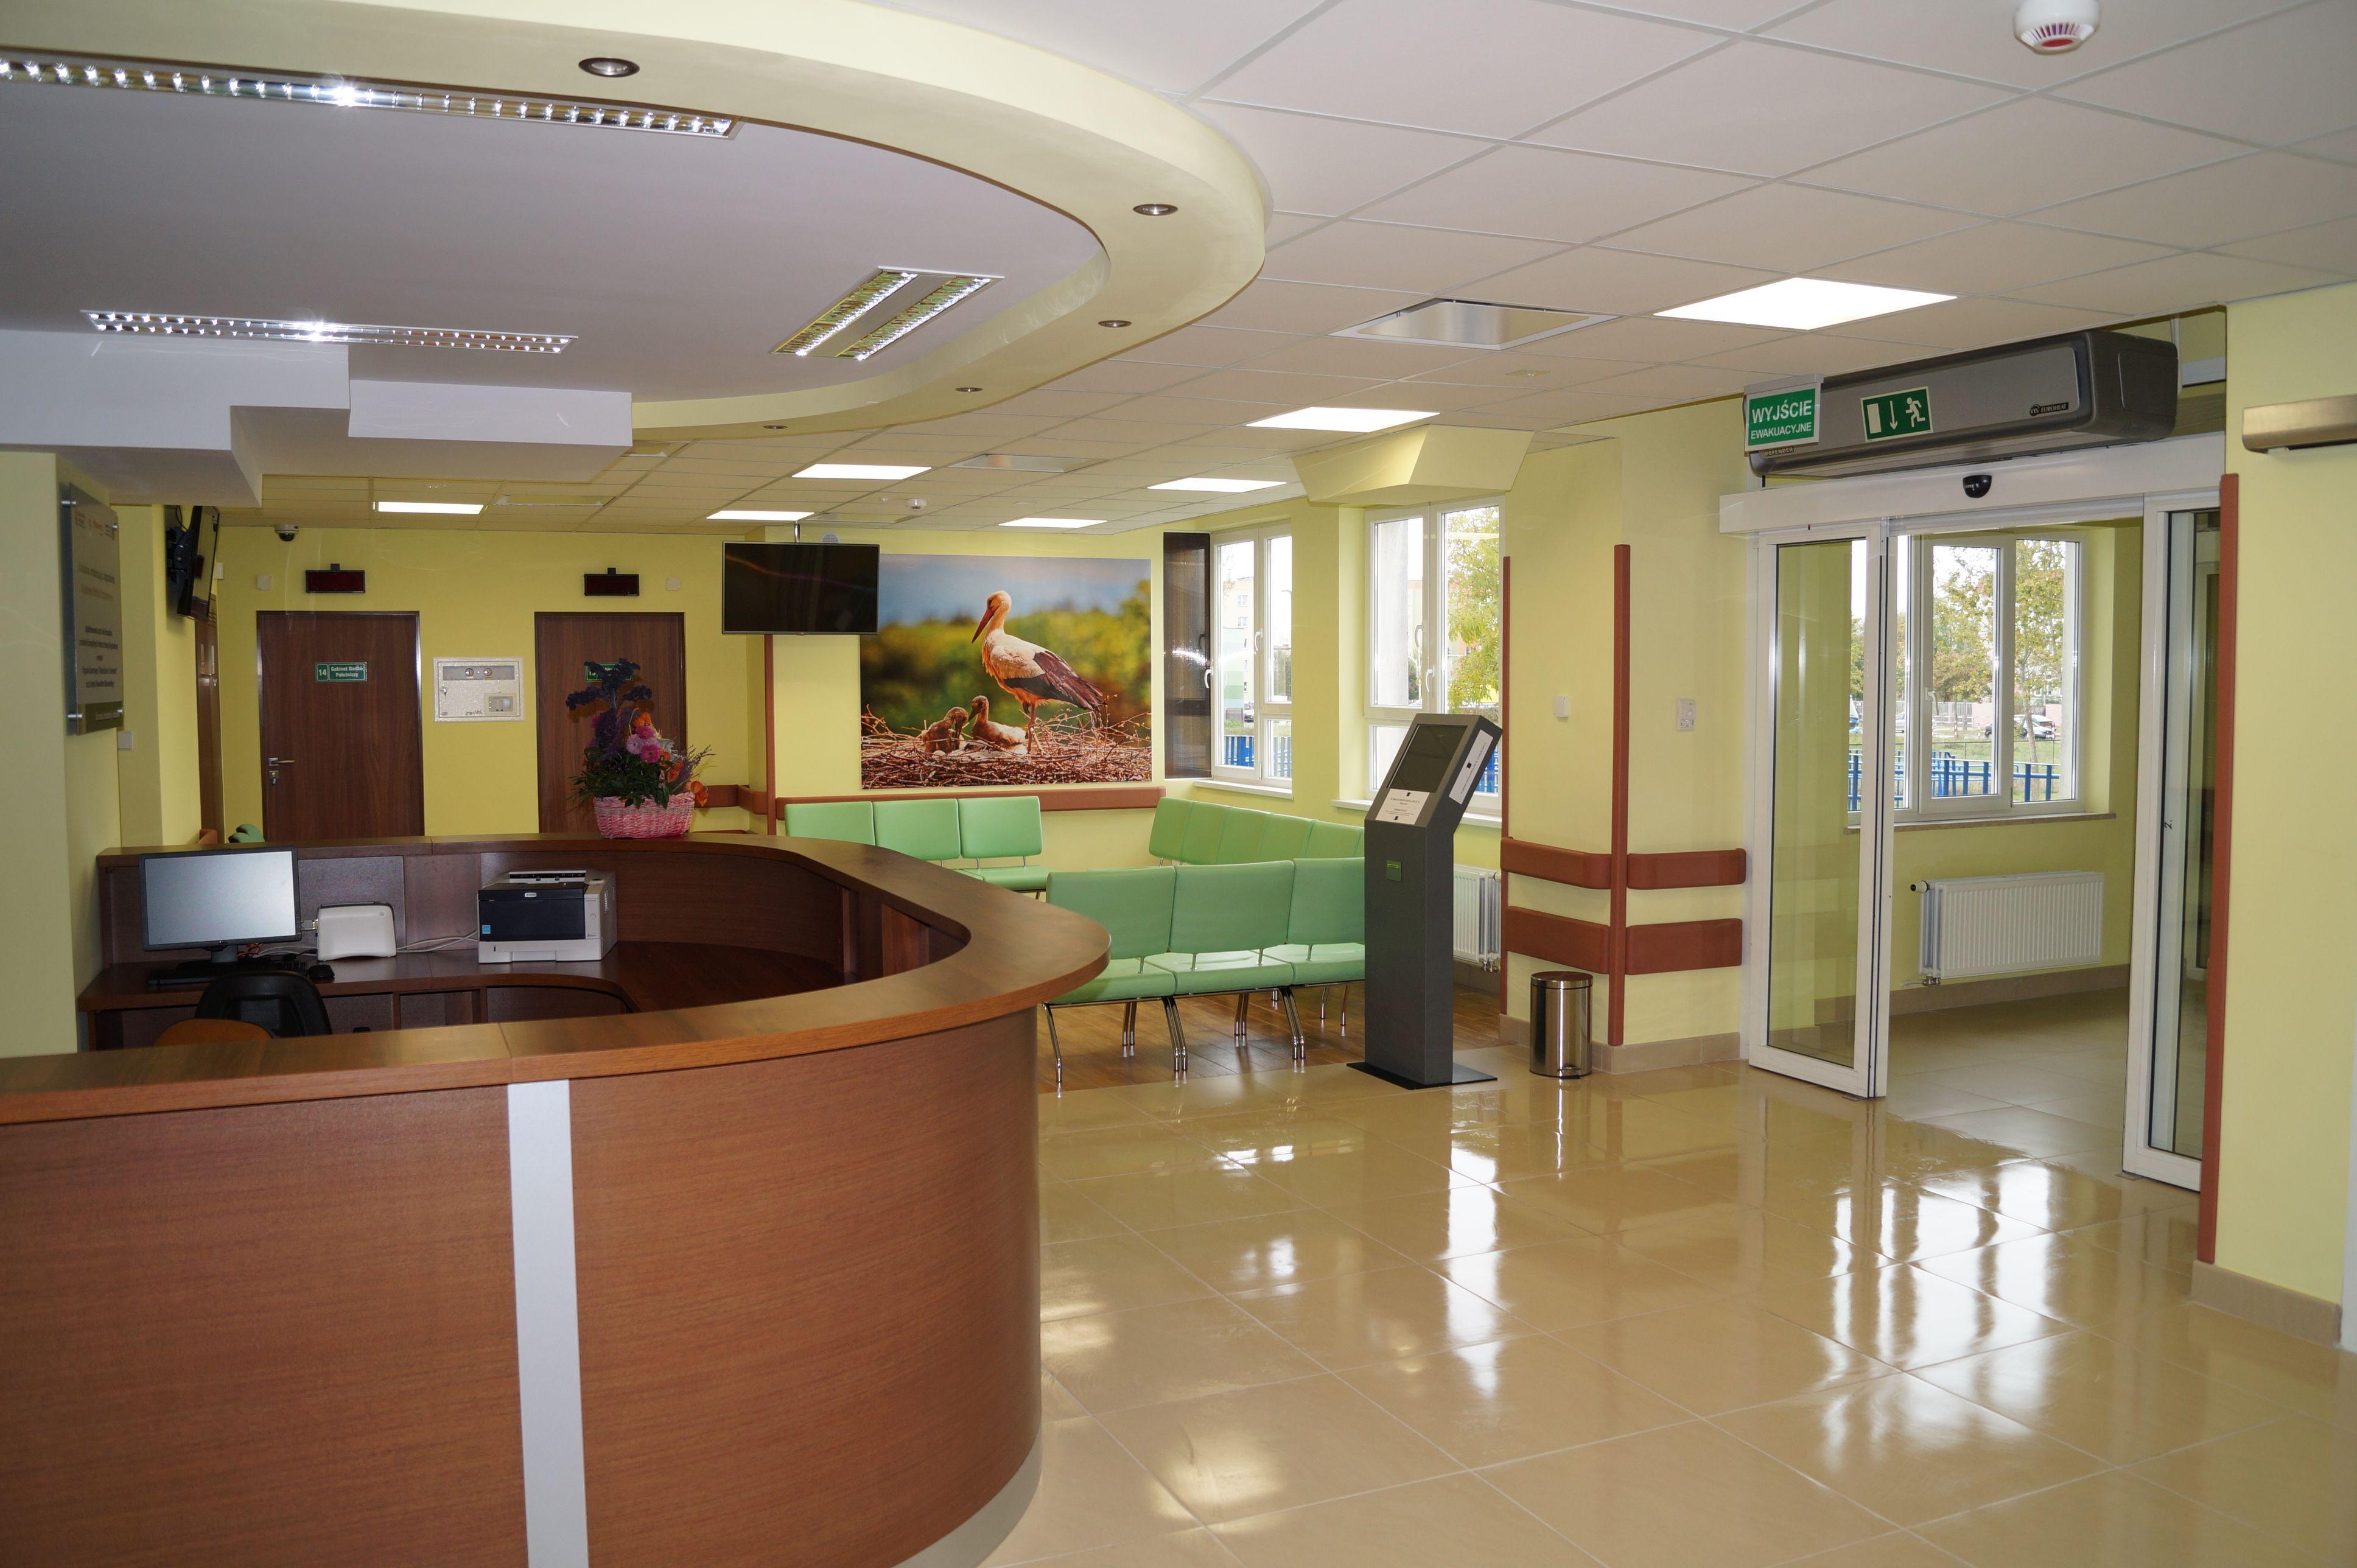 Specjalistyczny Szpital Wojewódzki W Ciechanowie Nieskategoryzowane